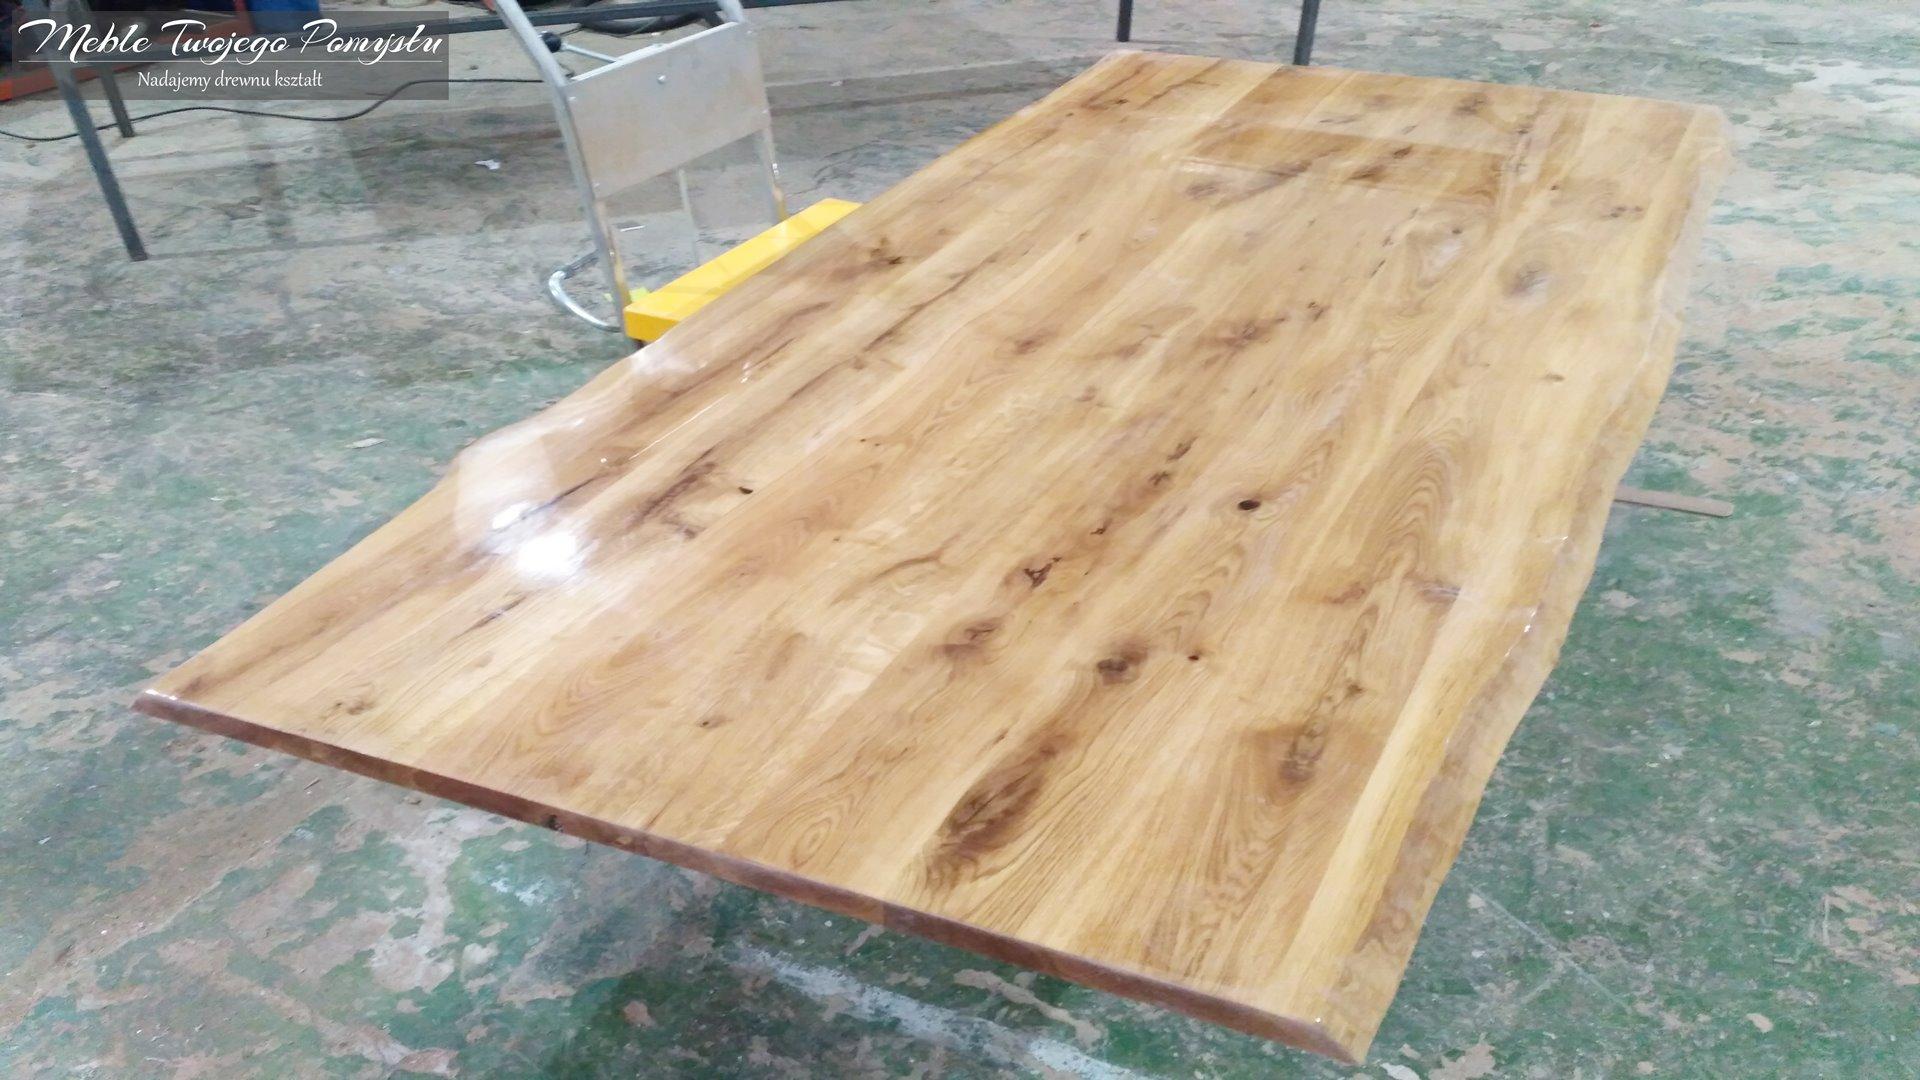 Blat dąb stołowy z oflisem i żywicą epoksydową, kopacki, mazowiecki